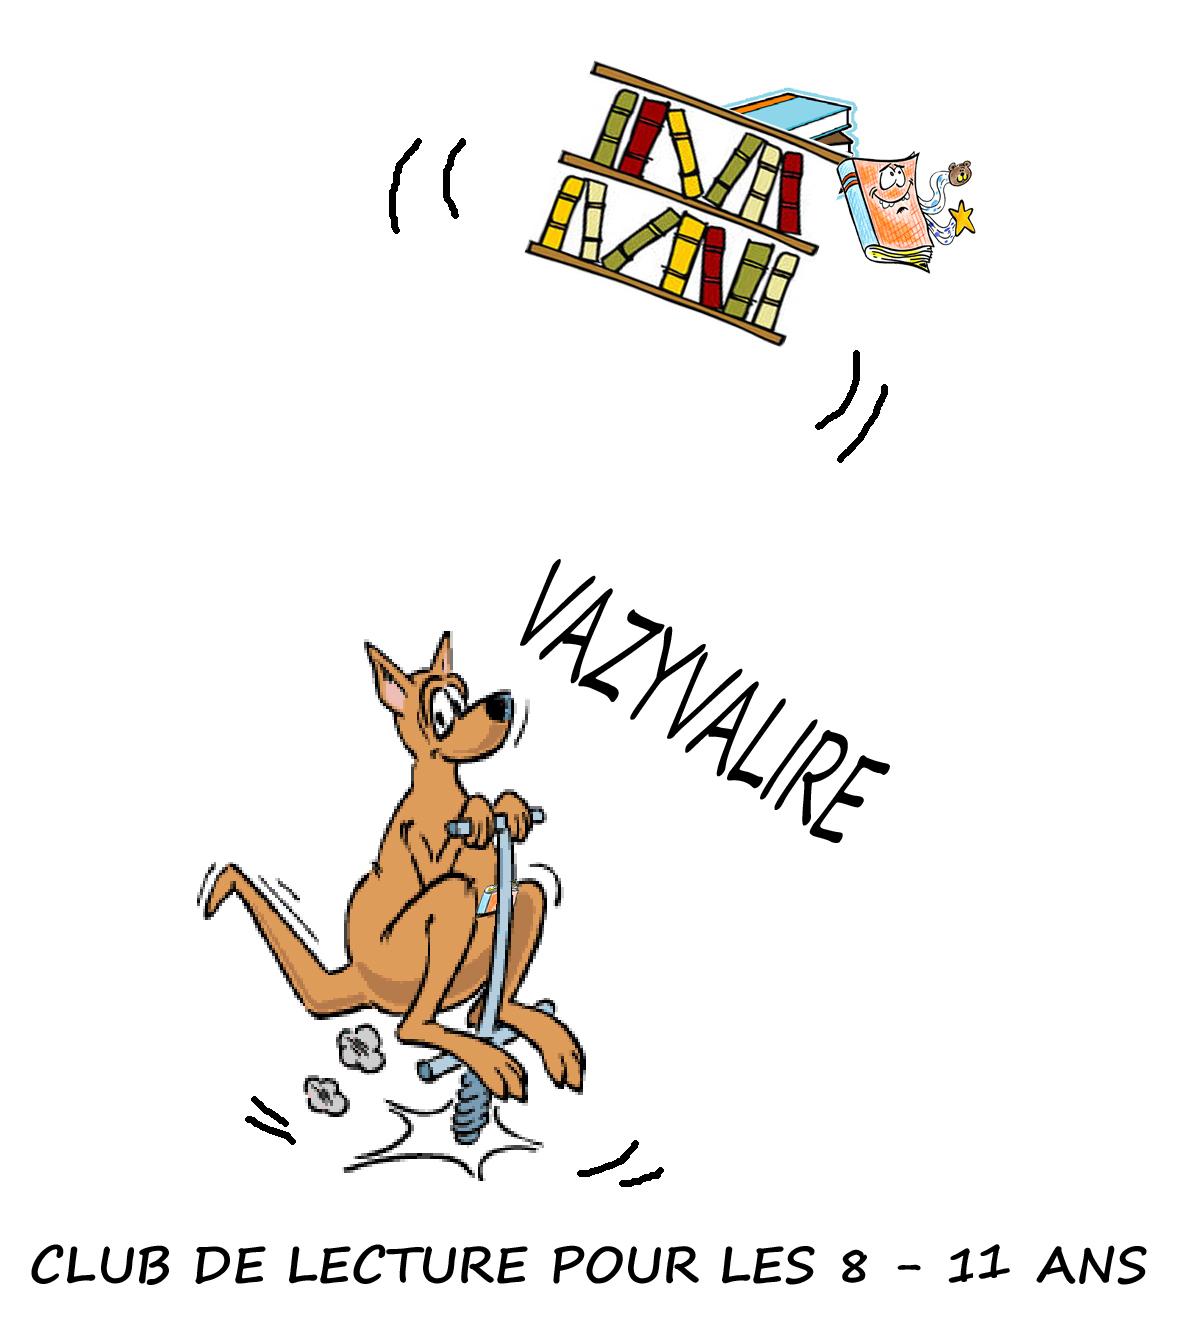 LOGO CLUB VAZYVALIRE